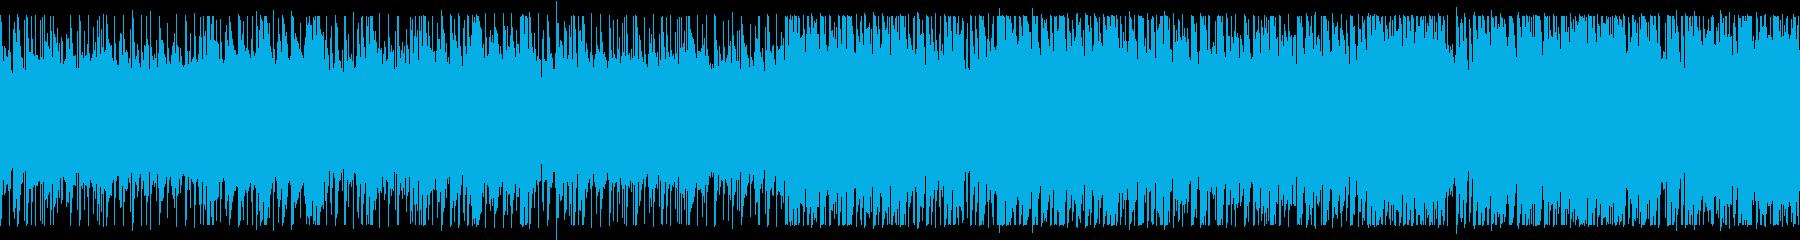 静かで美しい森のBGM ループ版の再生済みの波形